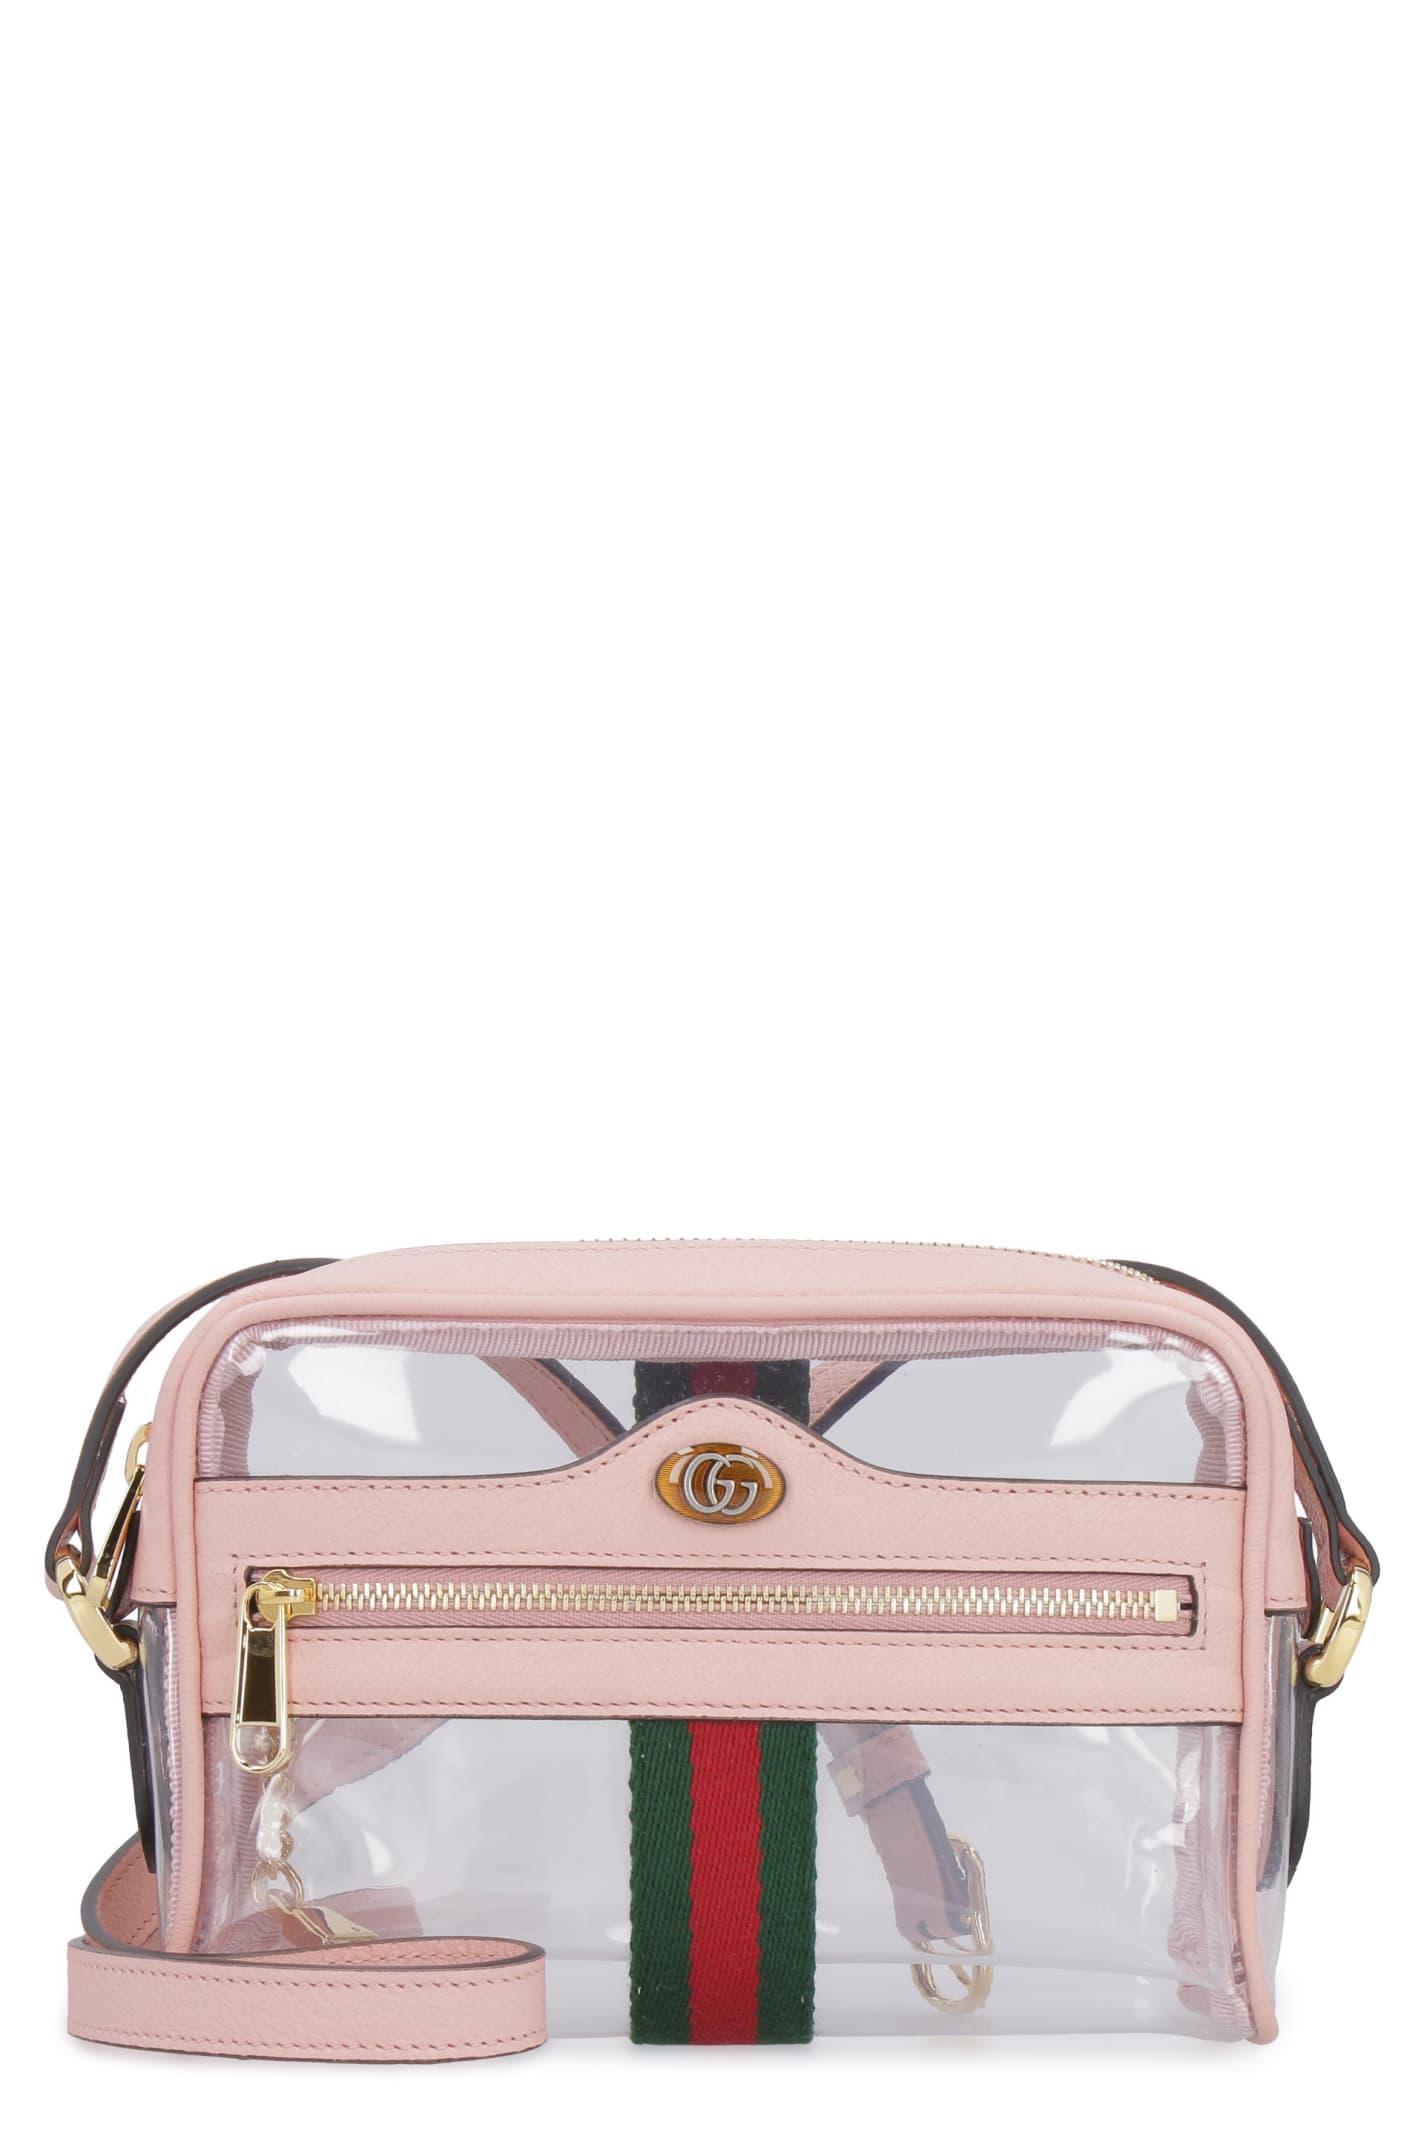 53a273e4e Gucci Gucci Ophidia Vinyl Shoulder Bag - Transparent - 10934742 ...